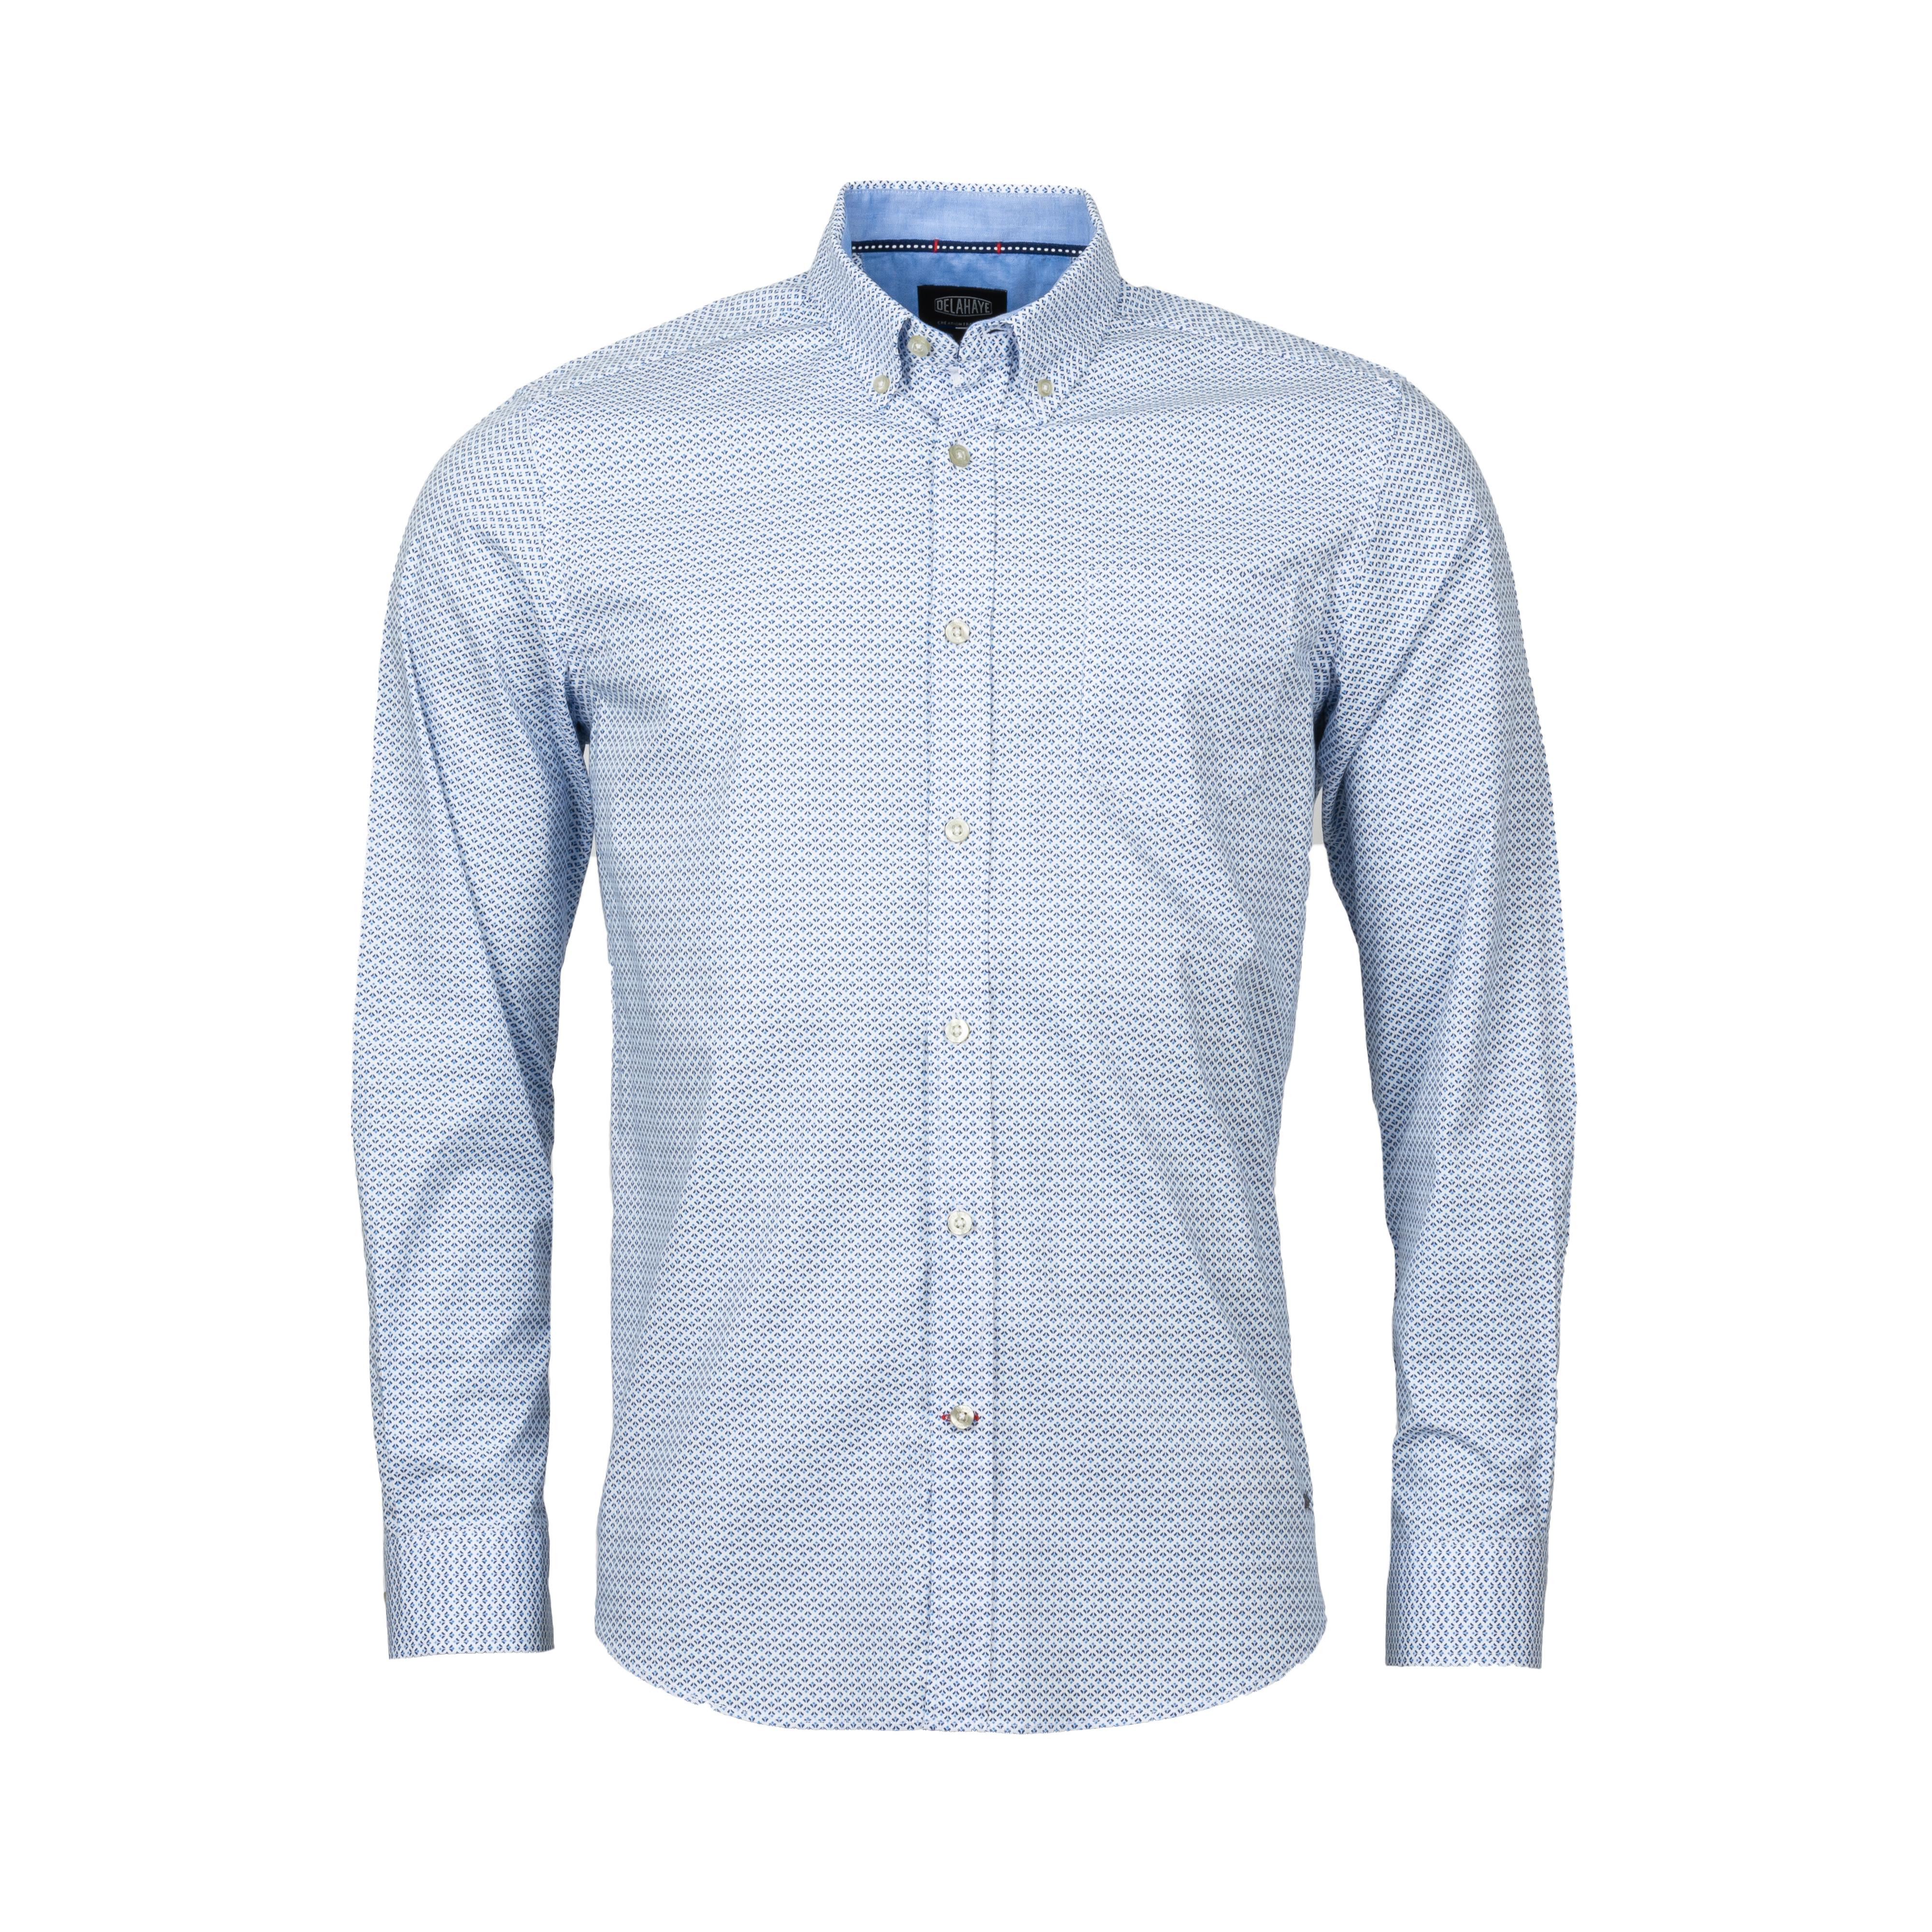 Chemise droite Delahaye en coton stretch à motifs bleu clair et bleu marine